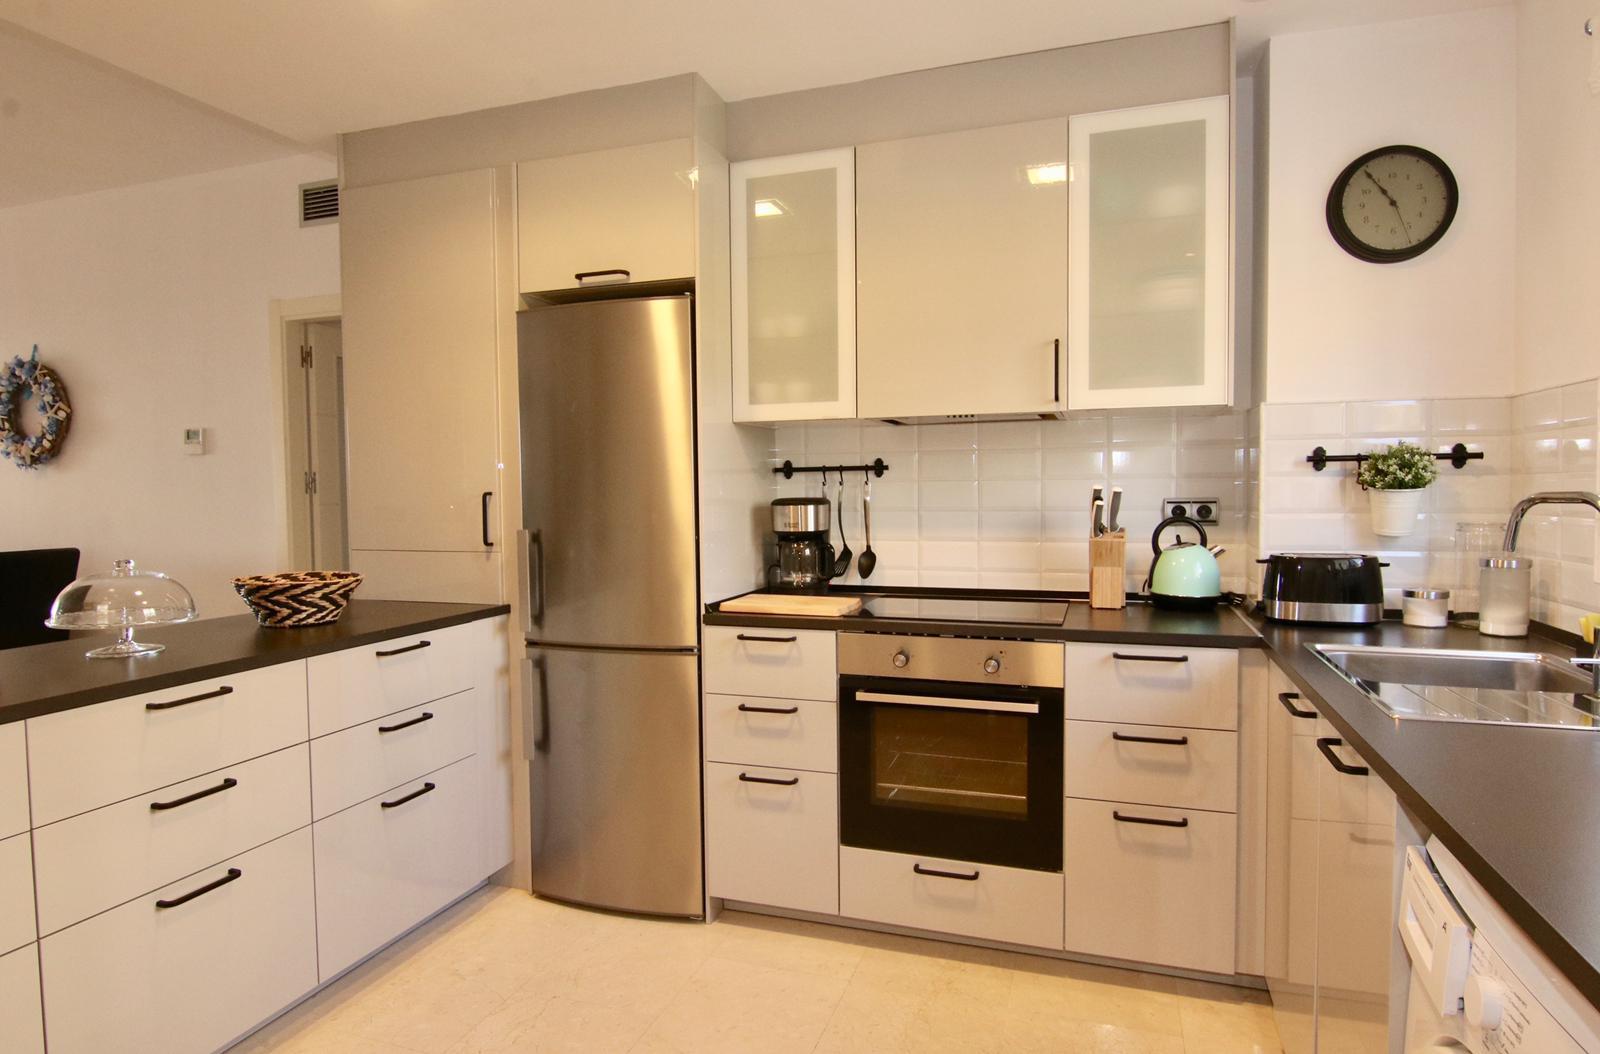 kuchyňský kout s kuchyňskou linkou lednicí a troubou